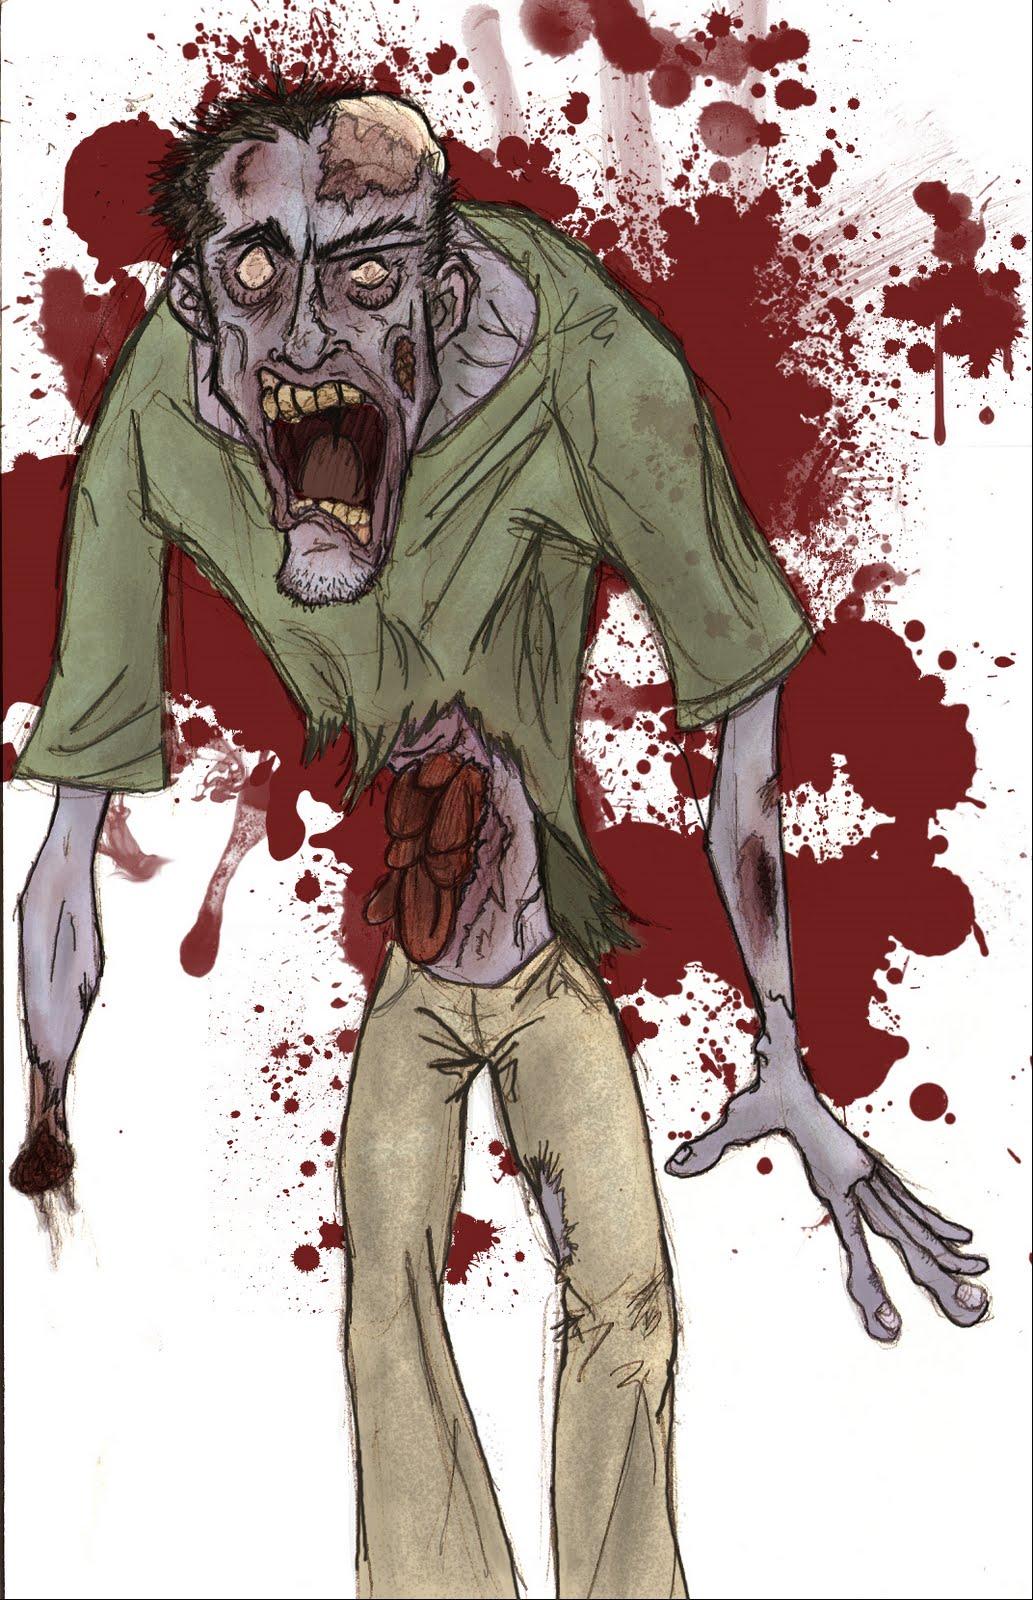 http://4.bp.blogspot.com/_NmRrblFAzmc/TJJAr_4UiPI/AAAAAAAAAXU/NEhC5PwJn_I/s1600/zombie2.jpg